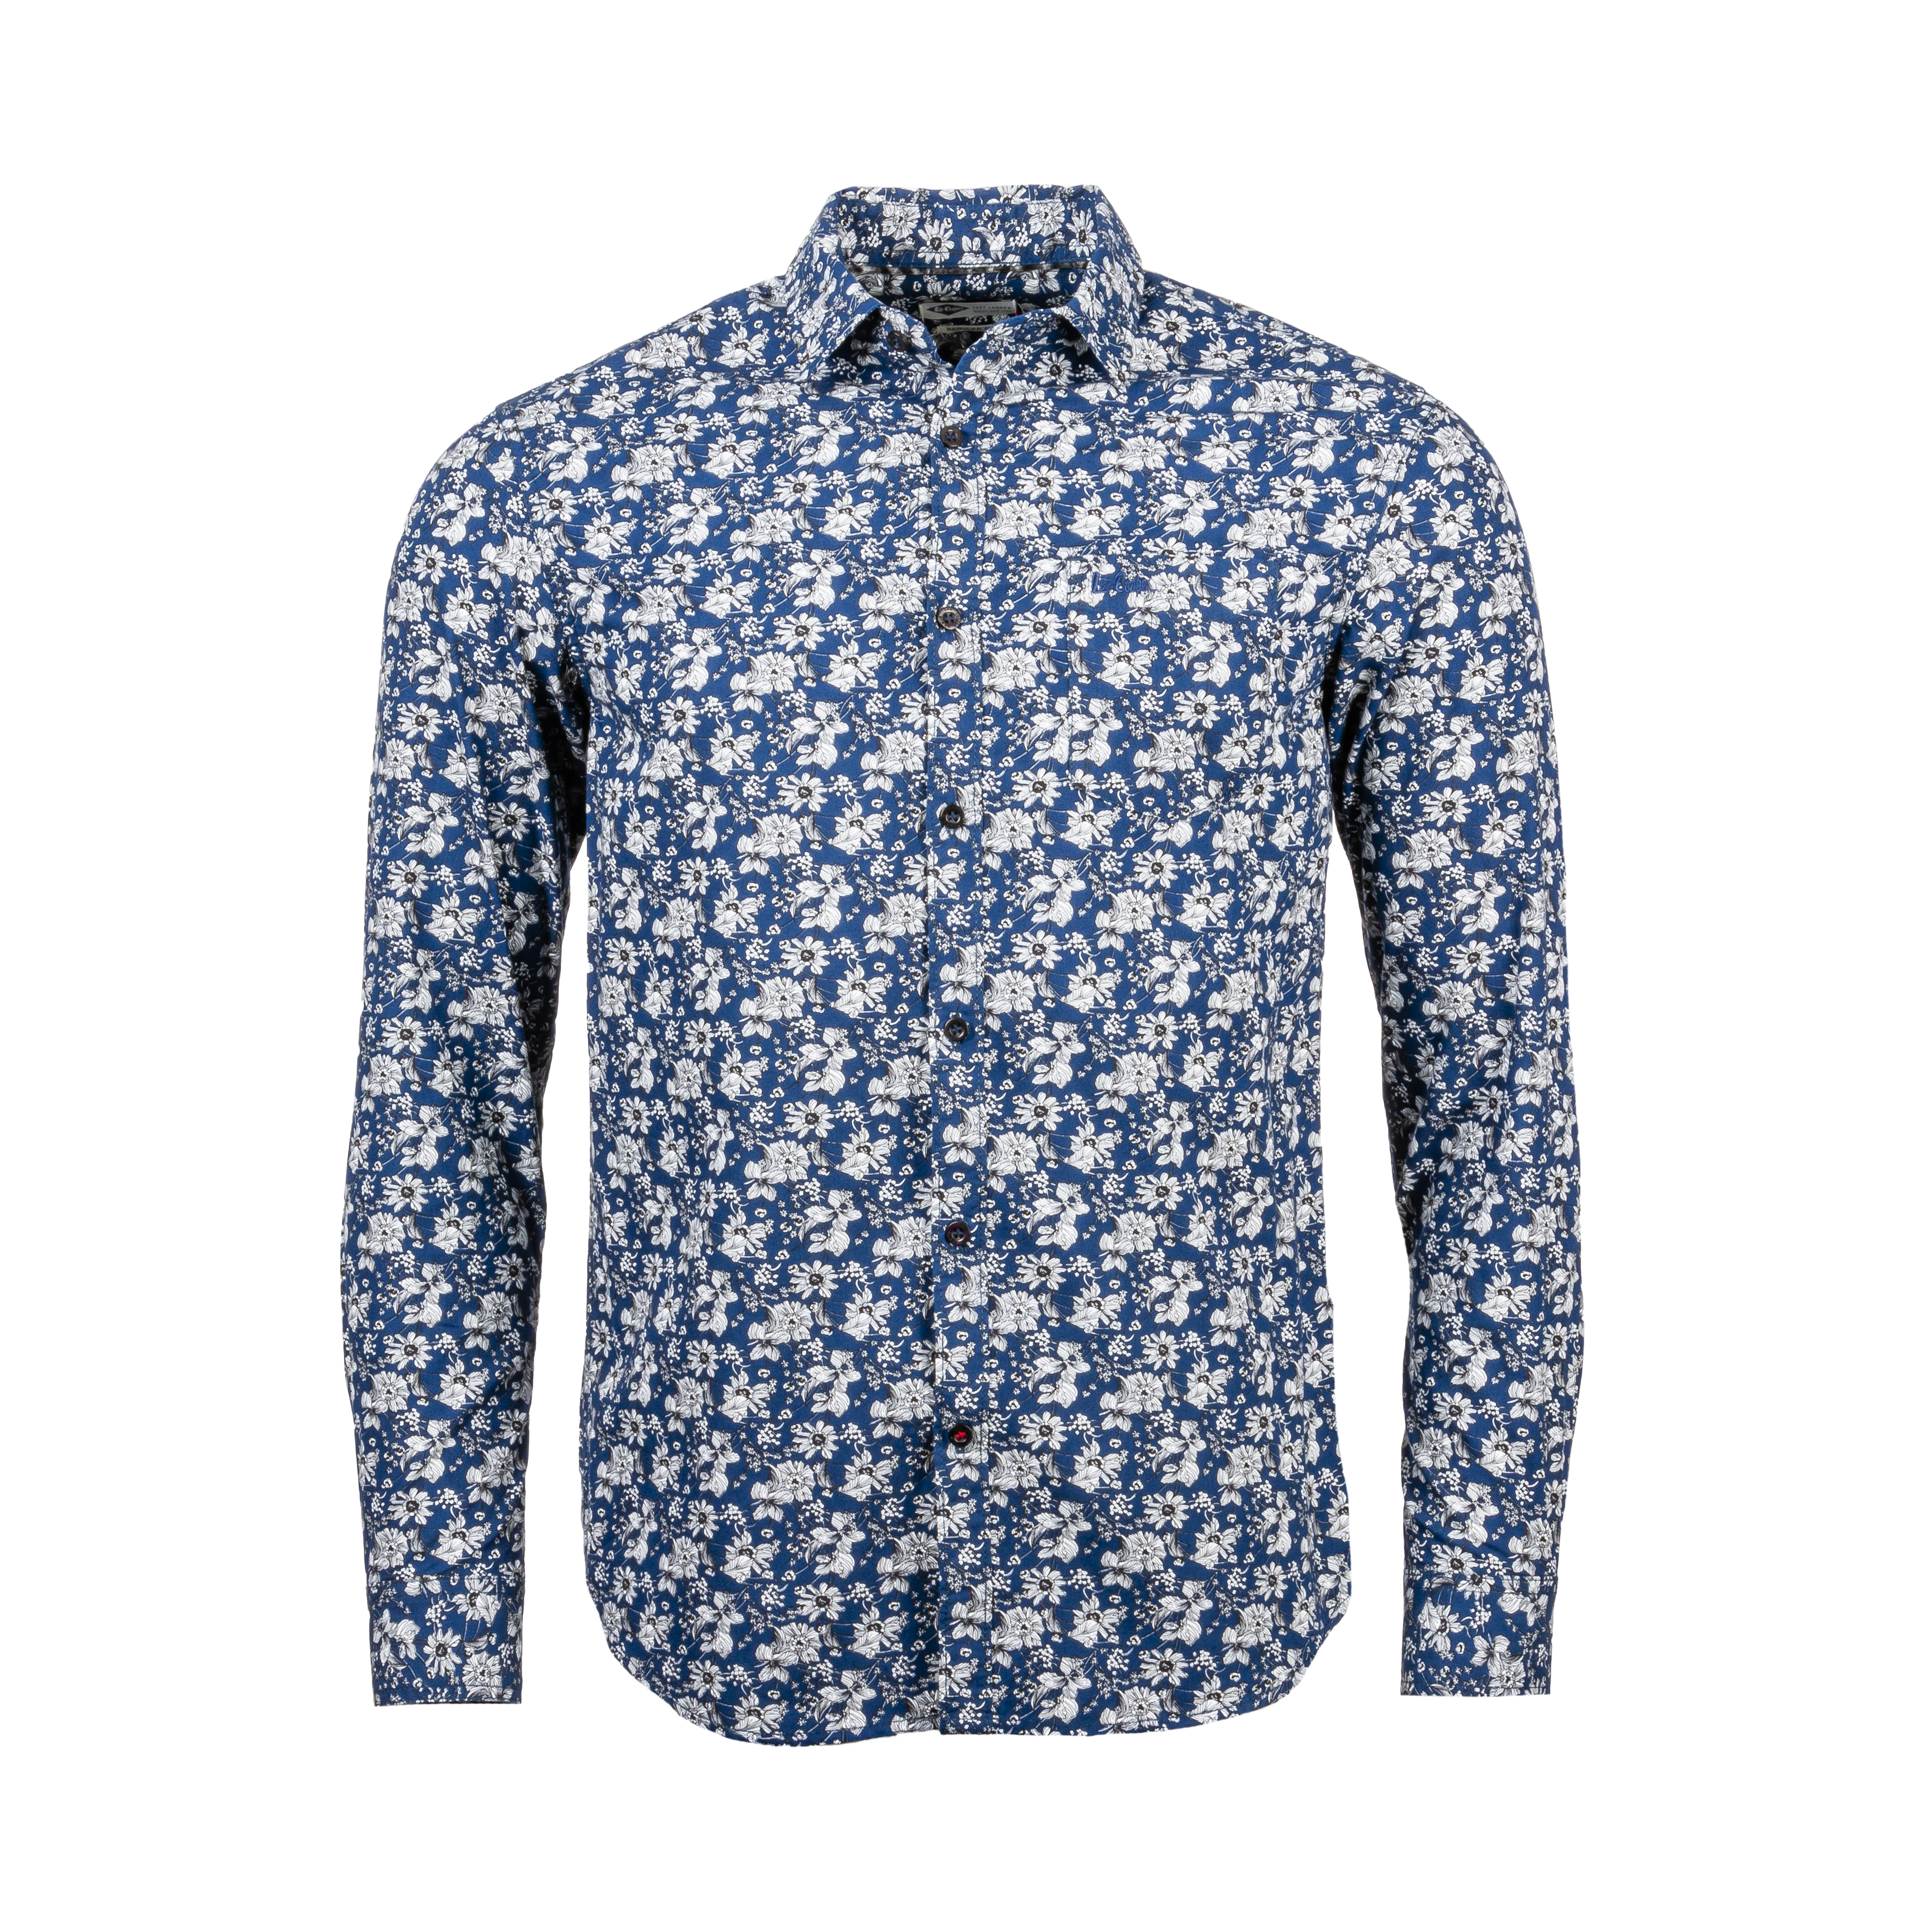 Chemise ajustée  derty en coton bleu marine à motifs floraux blancs et noirs